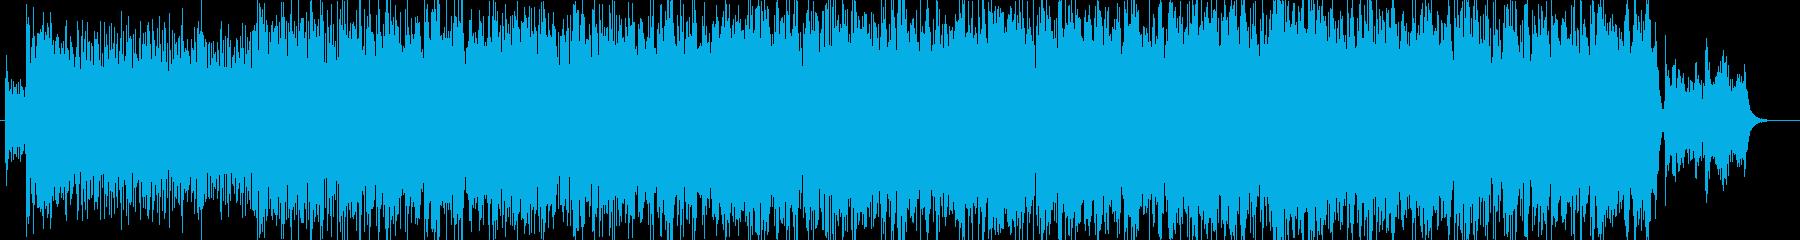 洋楽ゴスペルライブ コール&レスポンスの再生済みの波形